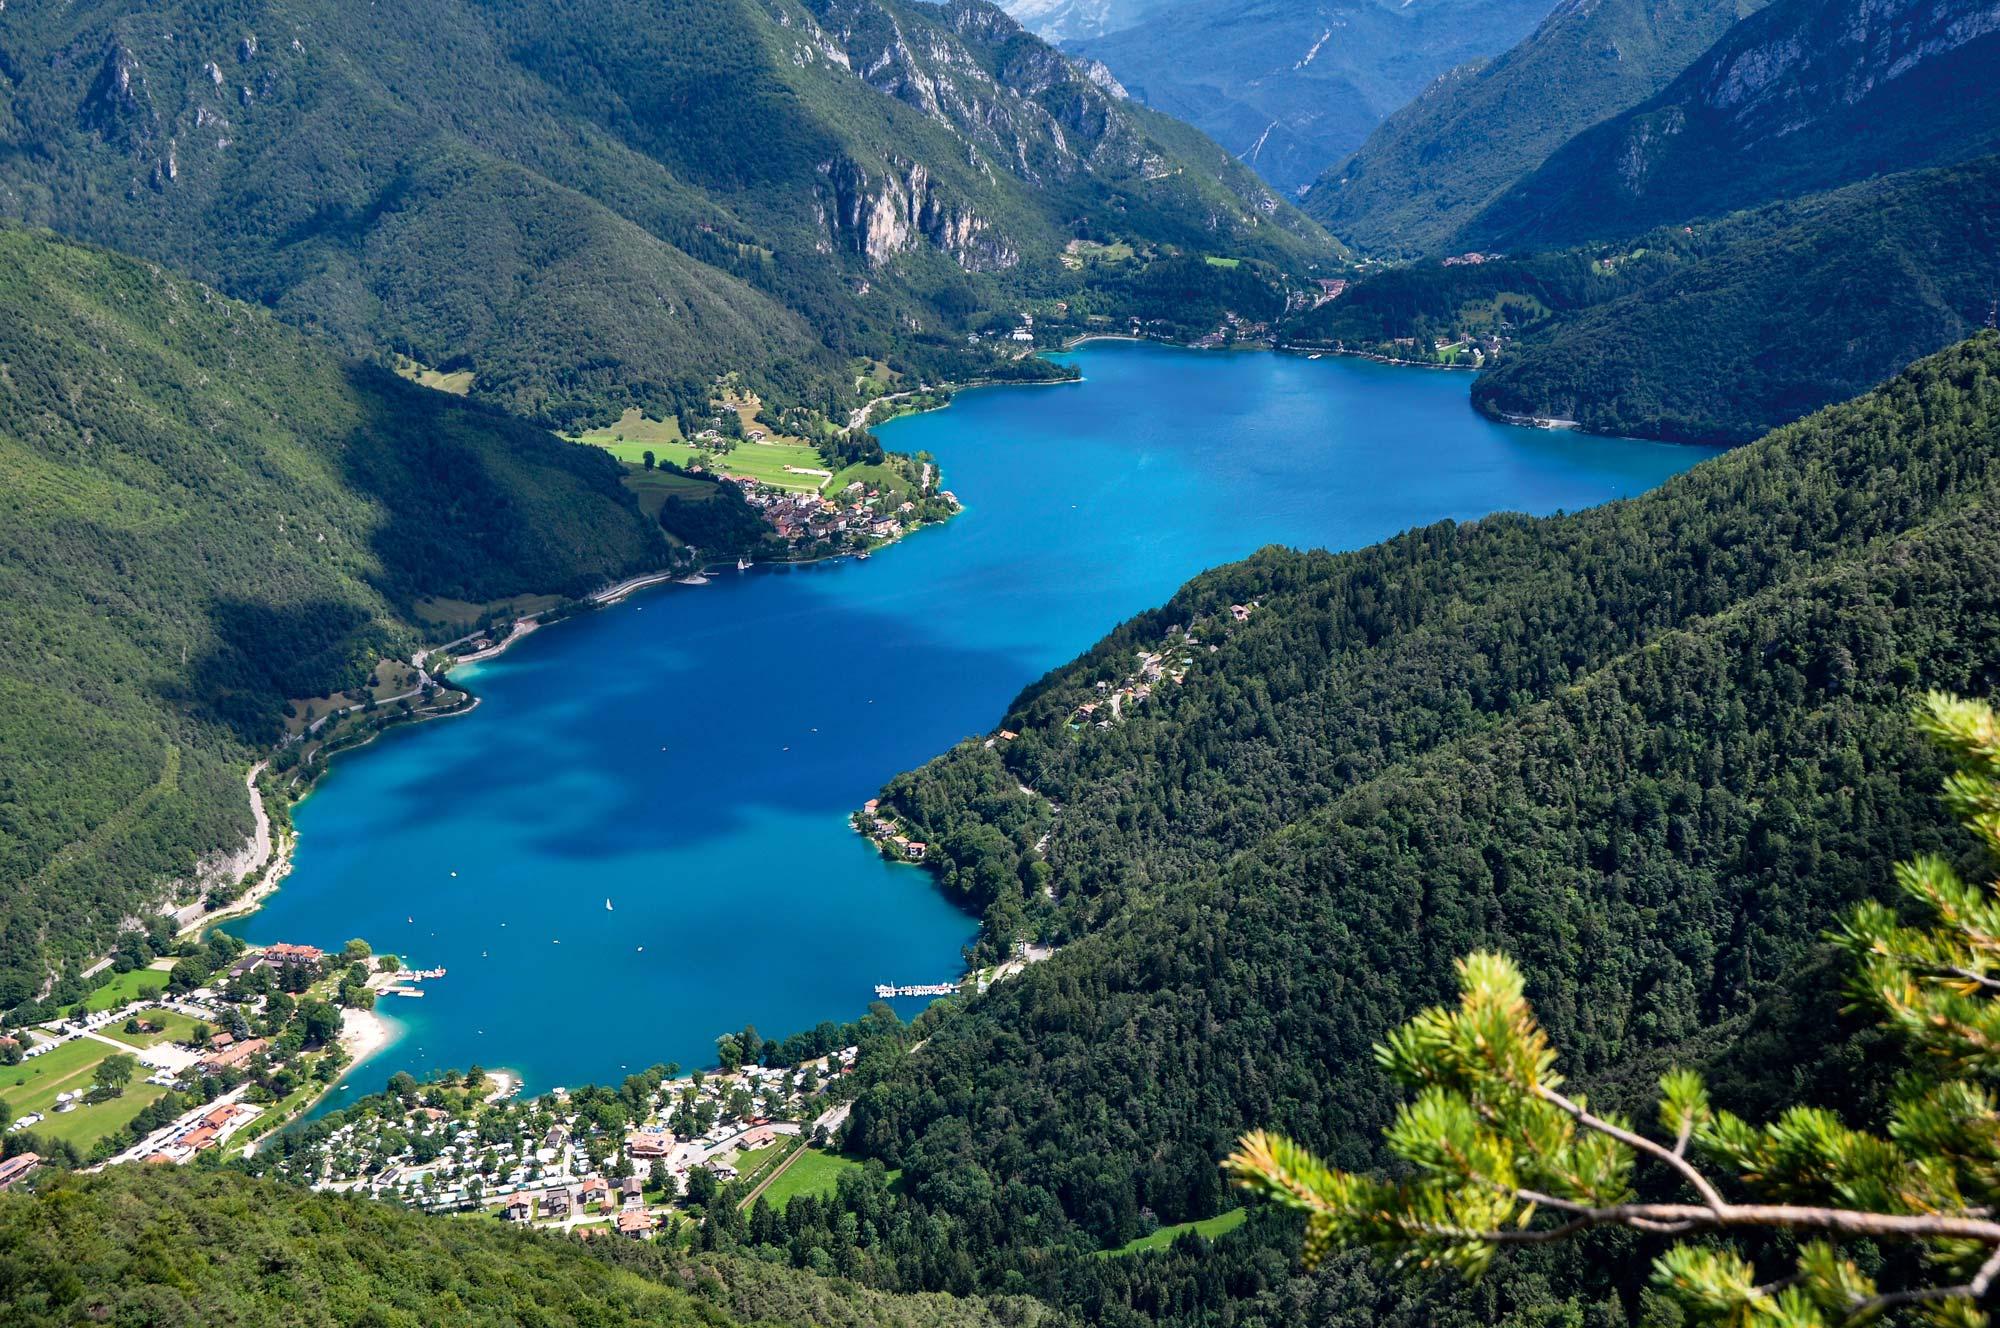 Grüne Wälder und Berge spiegeln sich im türkisblauen Wasser vom Ledrosee © Bruno Ferrari